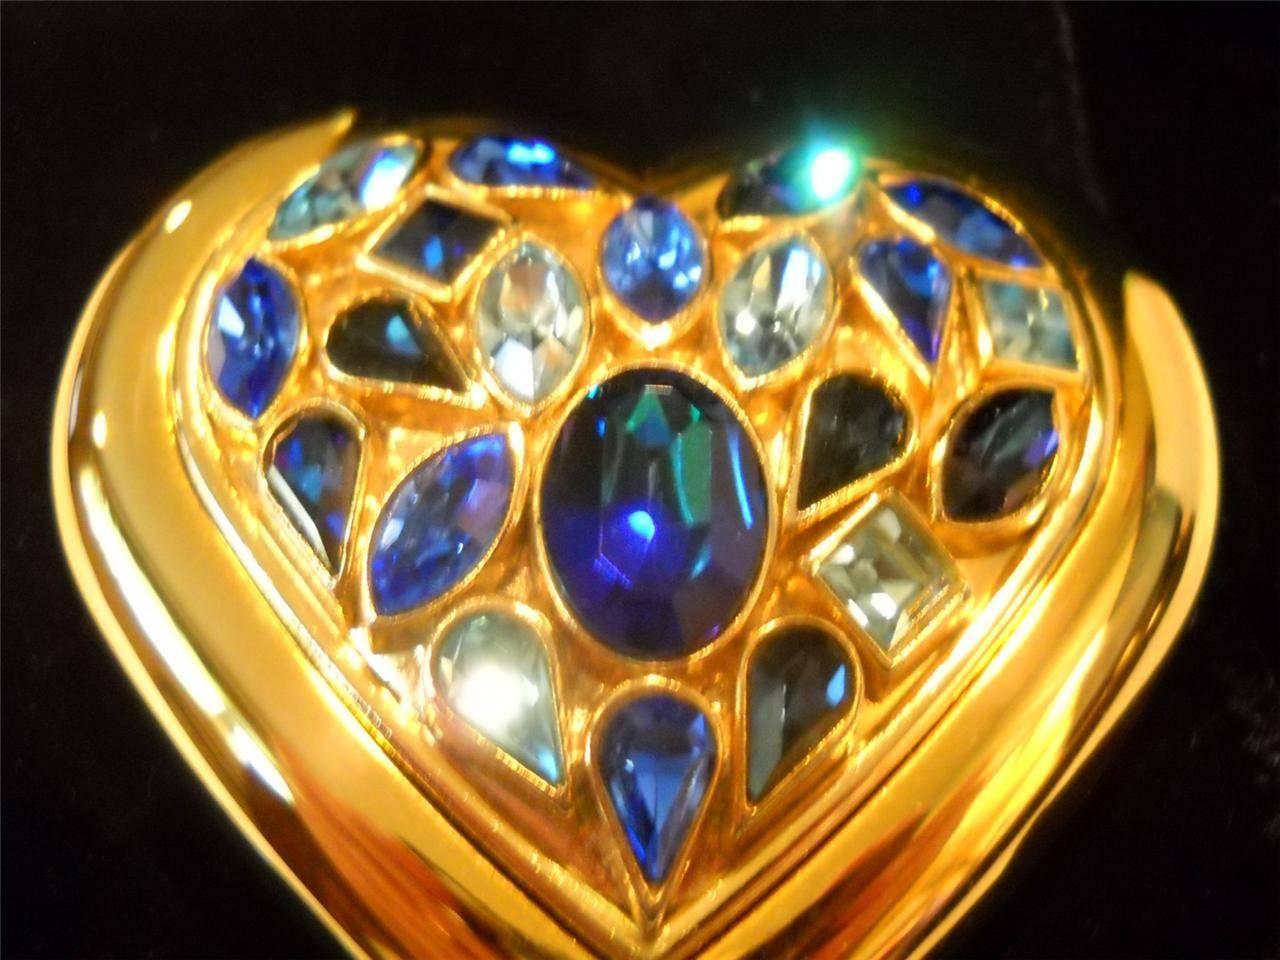 Yves Saint Laurent Paris Dazzling Crystal Jewels Heart